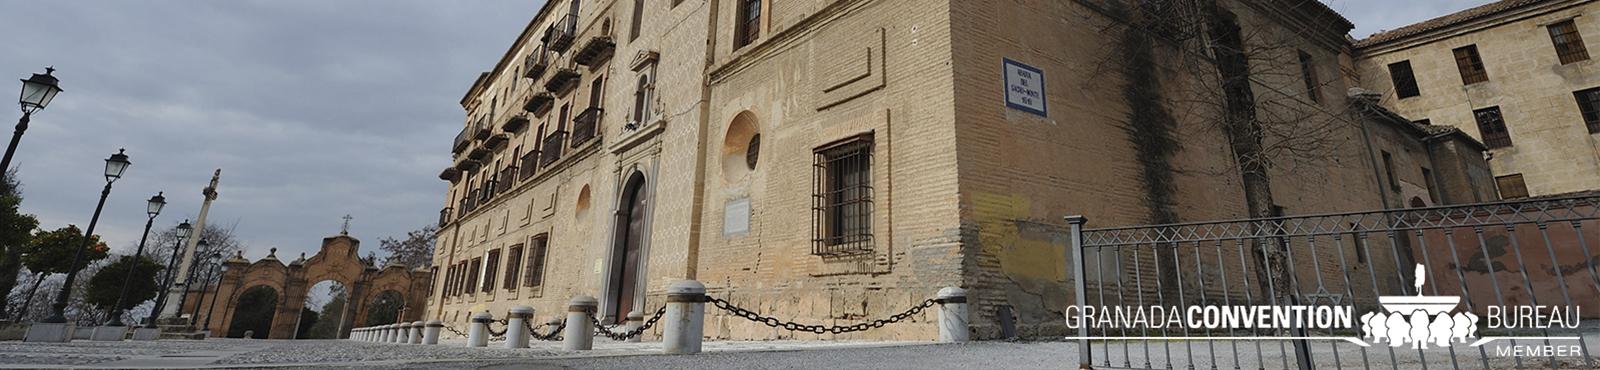 La Abadía del Sacromonte SOCIO NUMERO 100